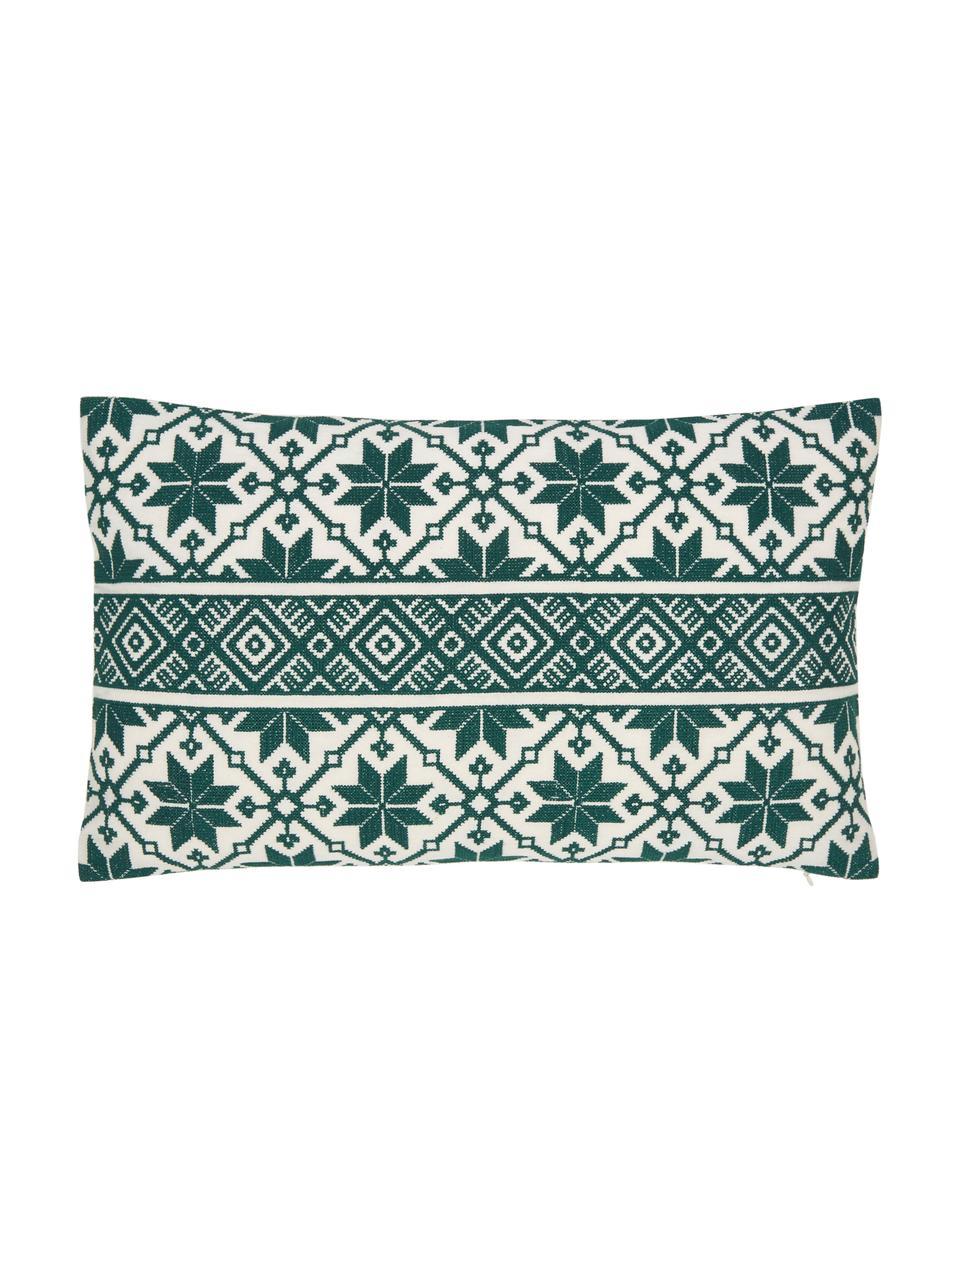 Haftowana poszewka na poduszkę Shetland, 100% bawełna, Zielony, kremowobiały, S 30 x D 50 cm